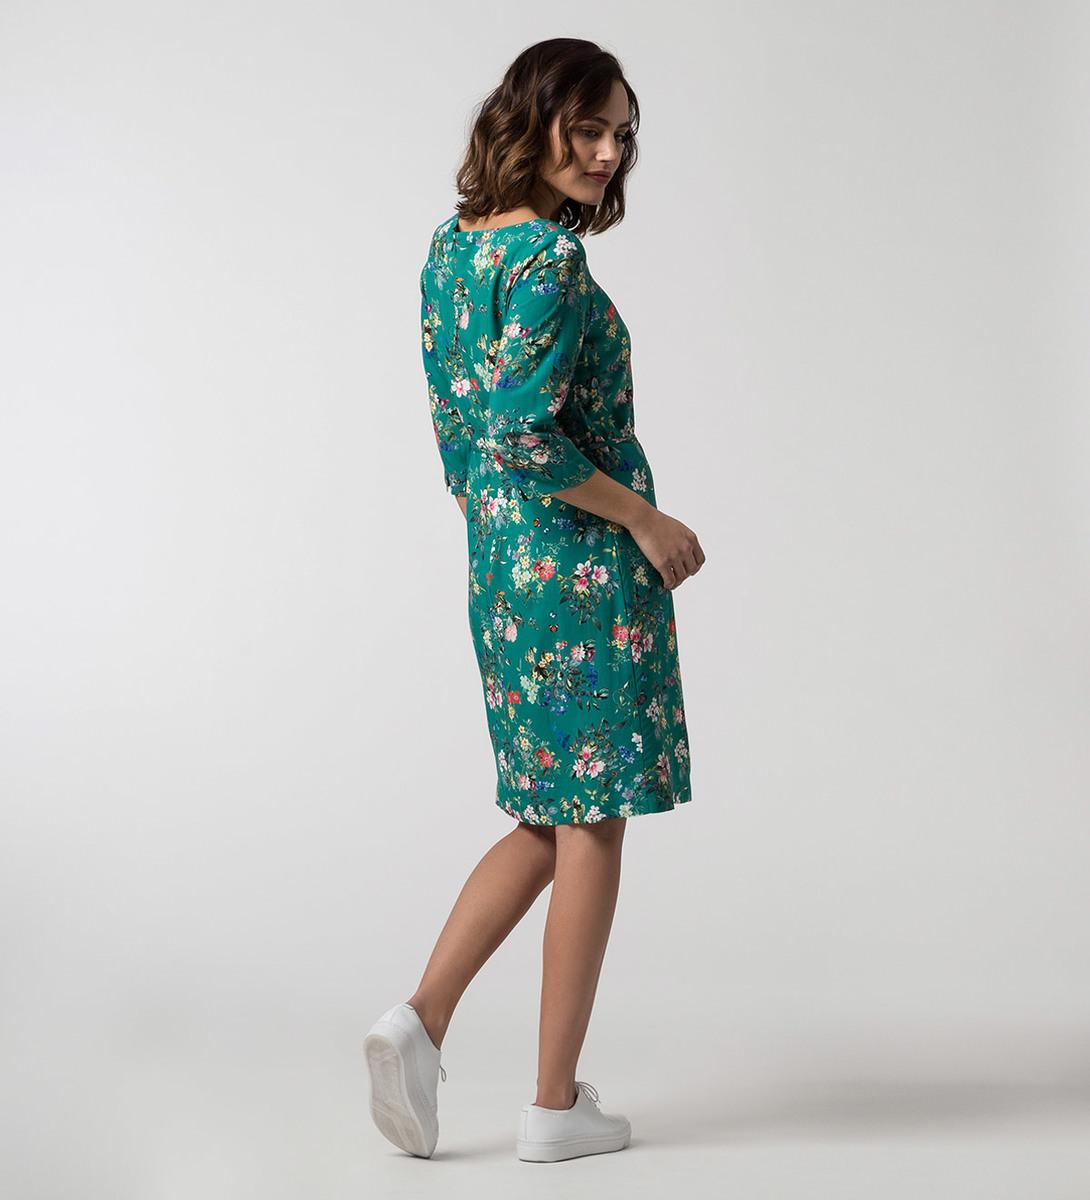 Kleid mit Blumen in ivy green